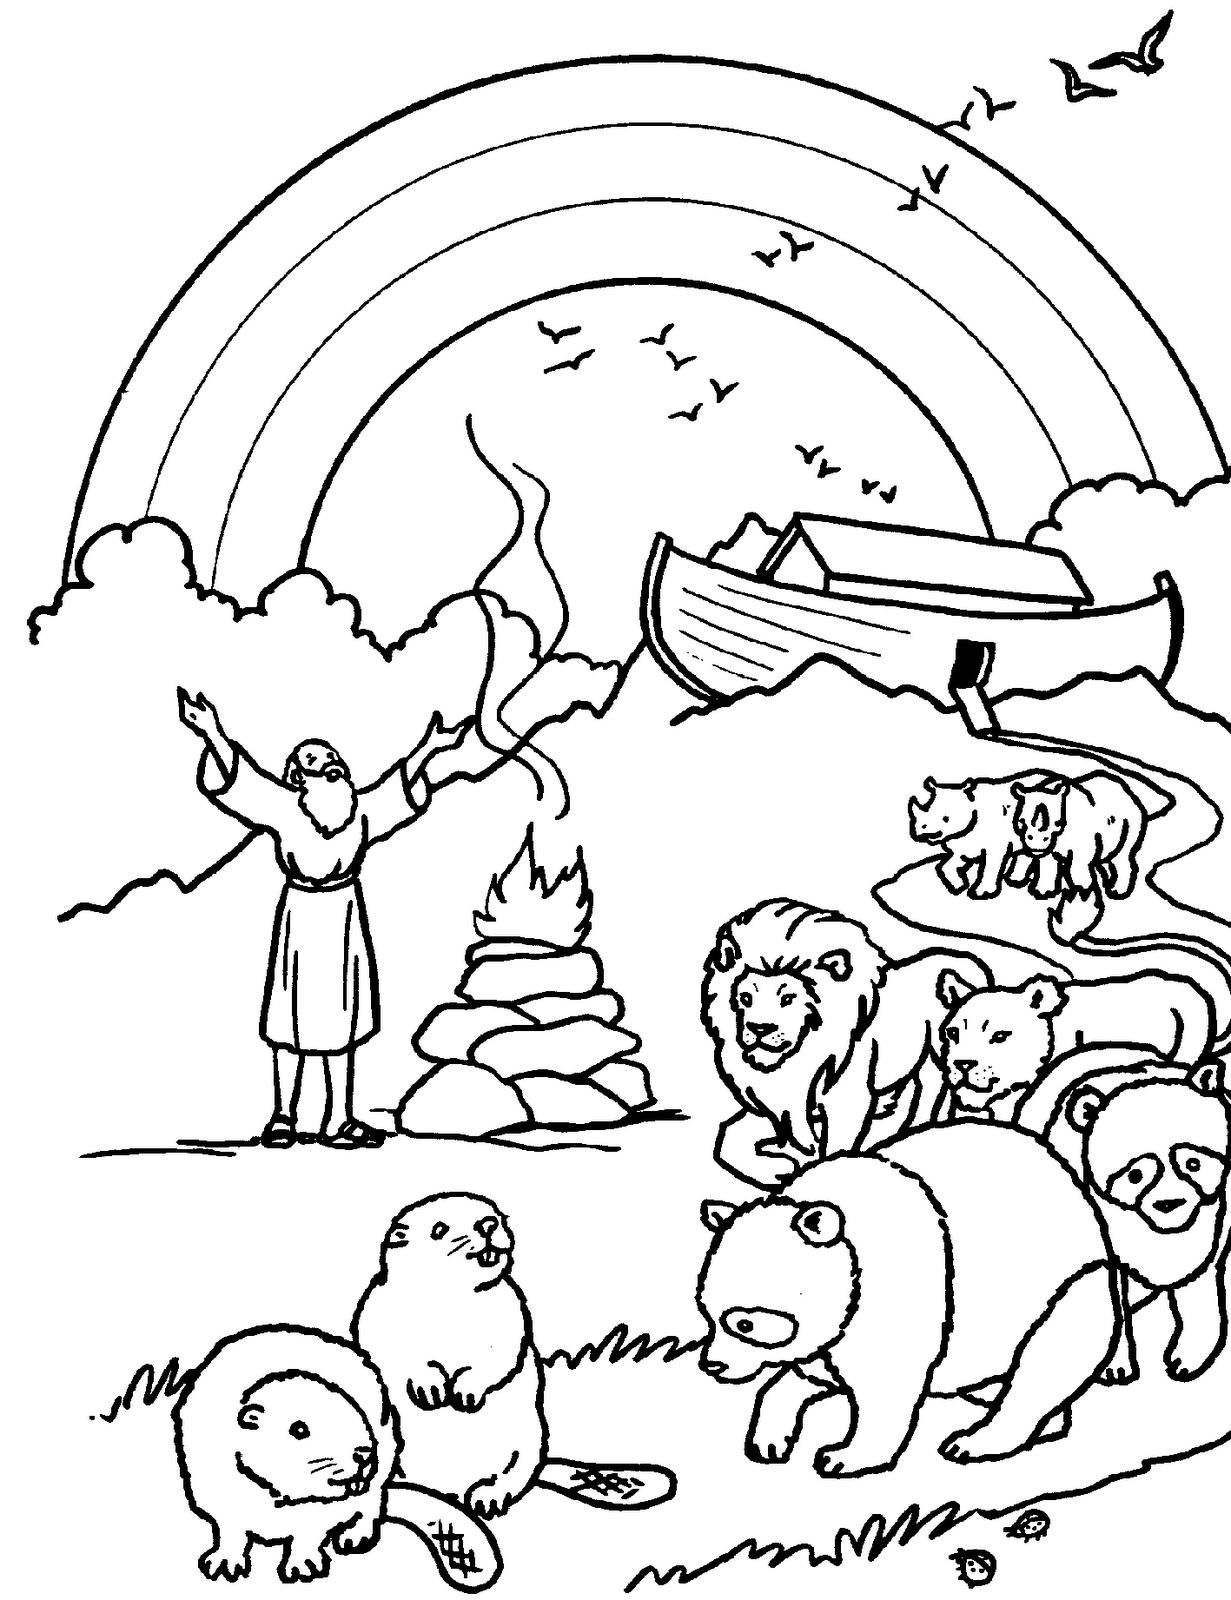 Imagenes Cristianas Para Colorear Dibujos Para Colorear Del Arca De Noe